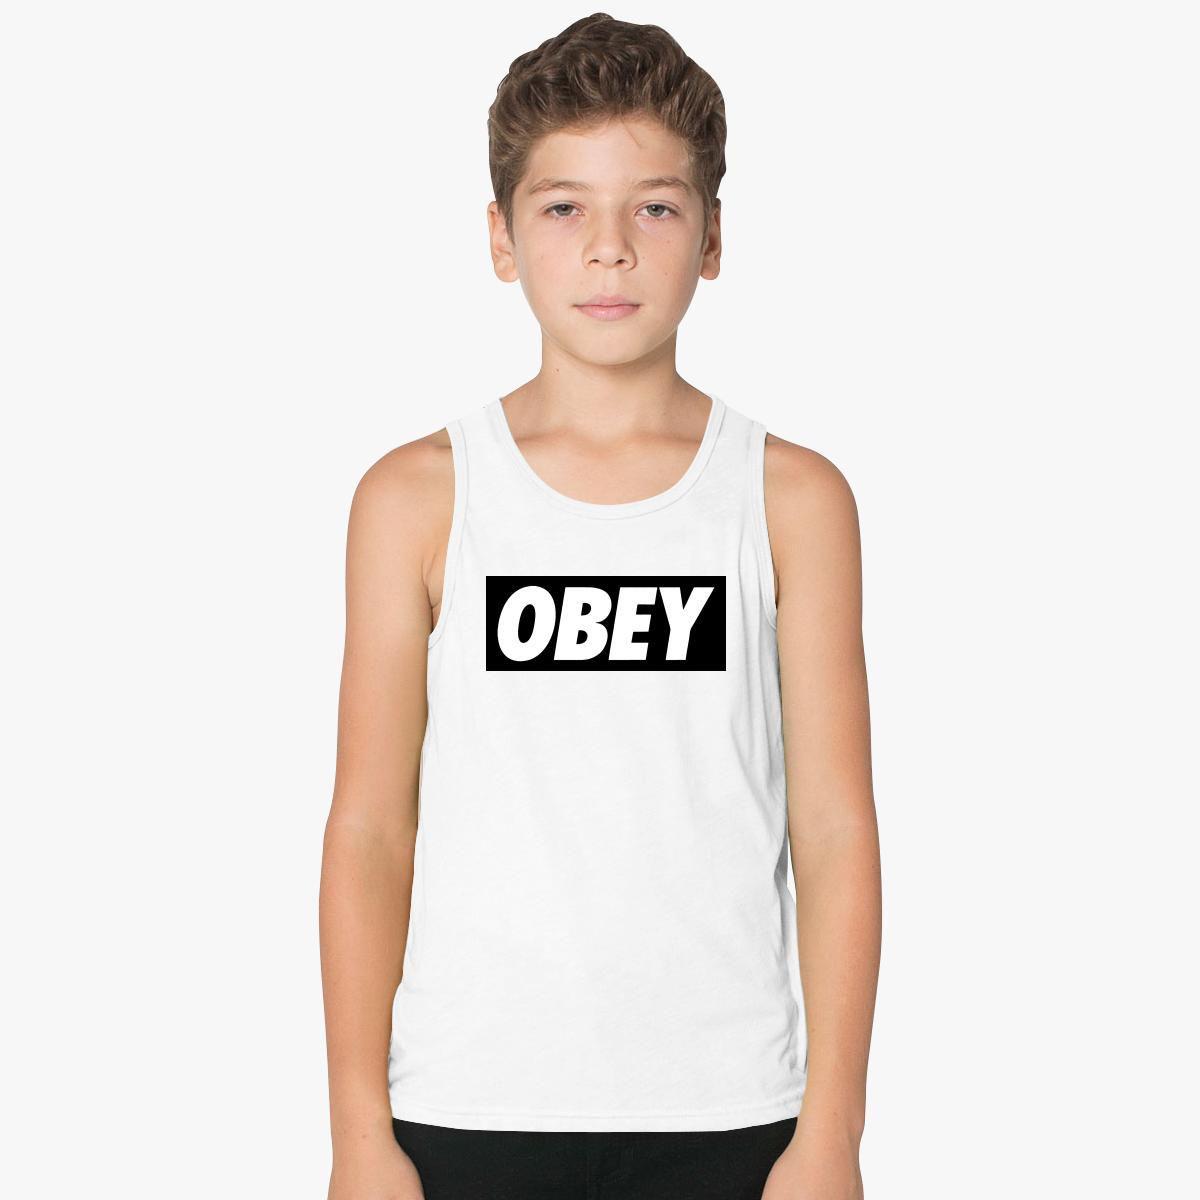 91747a7c2a7055 obey logo Kids Tank Top - Customon